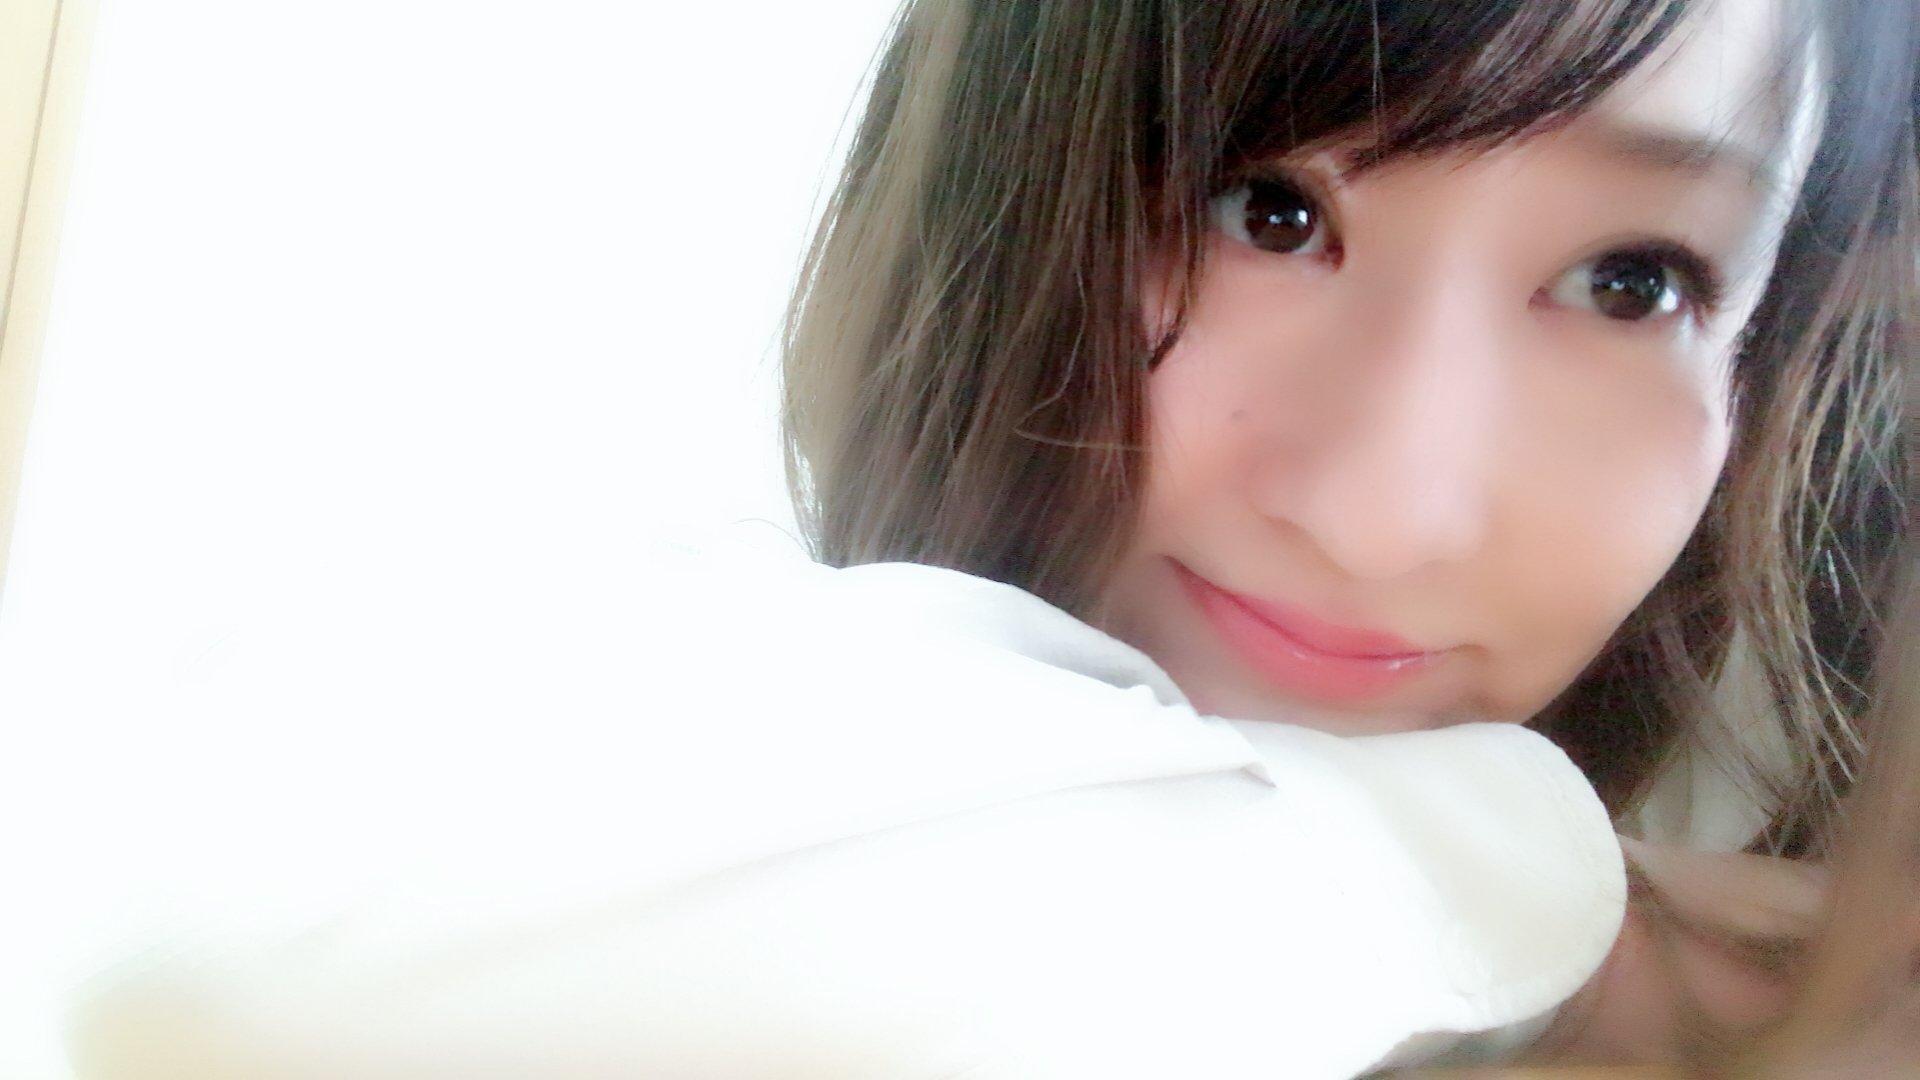 おはようございます(^-^)なんだか忙しくてインできてないよ、、…